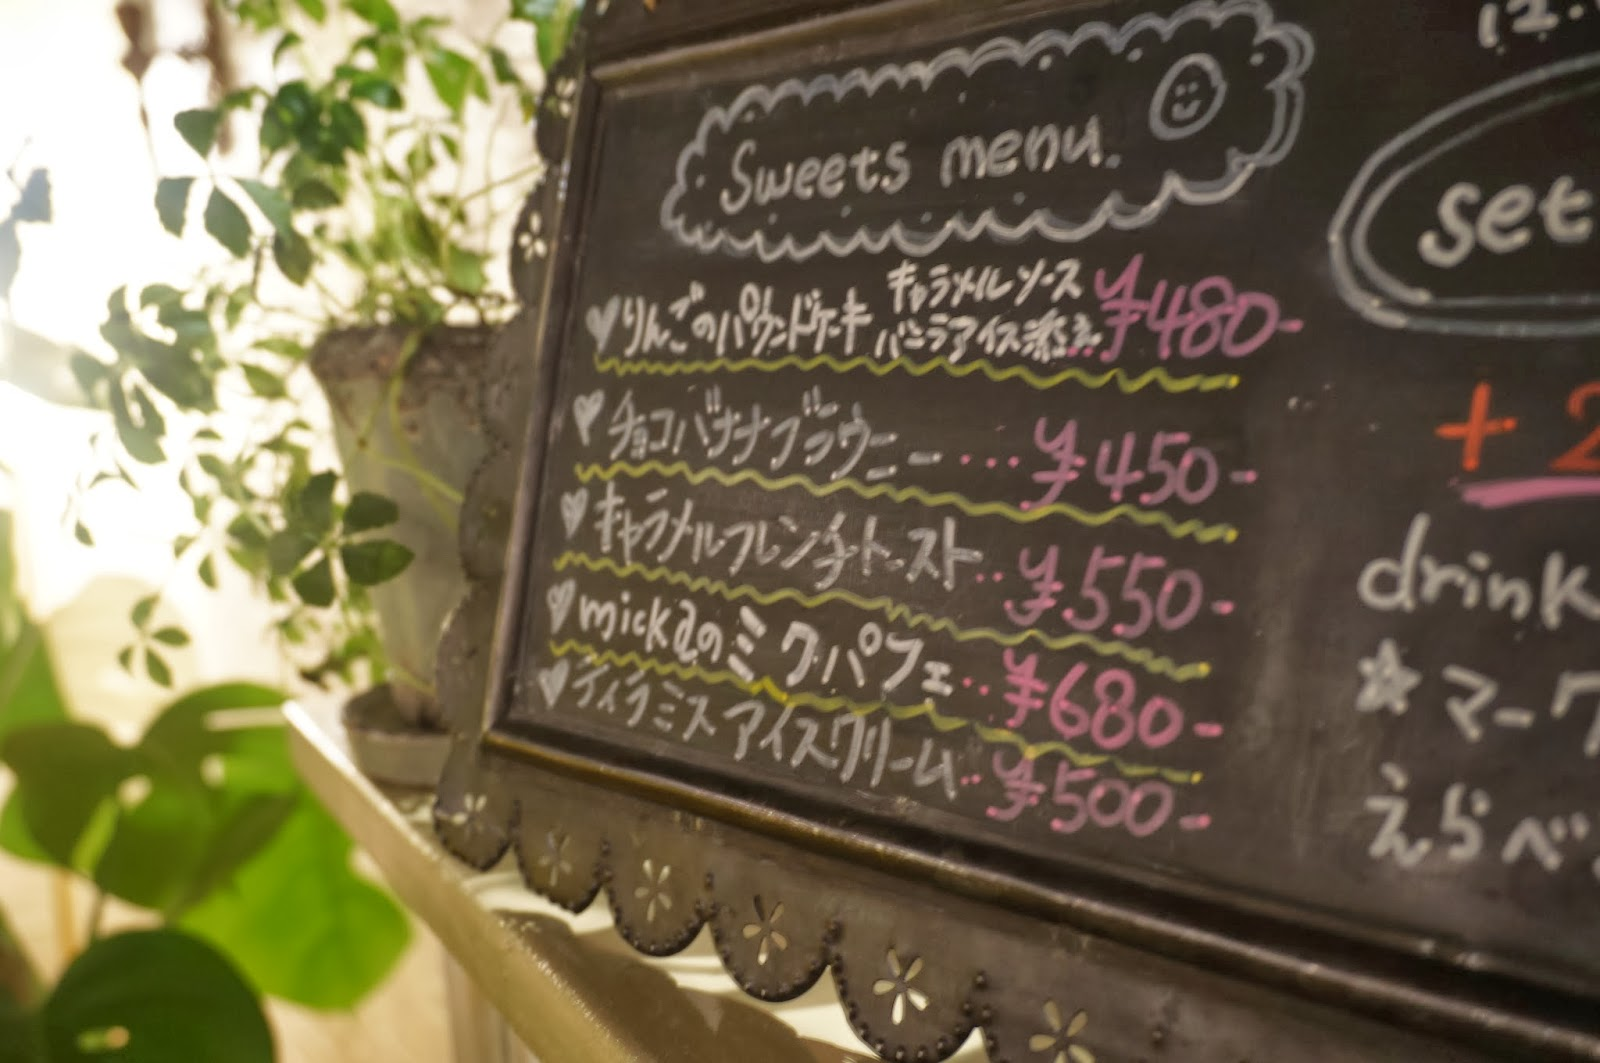 金沢 ランチ カフェ & バー ミクカ cafe & bar micka